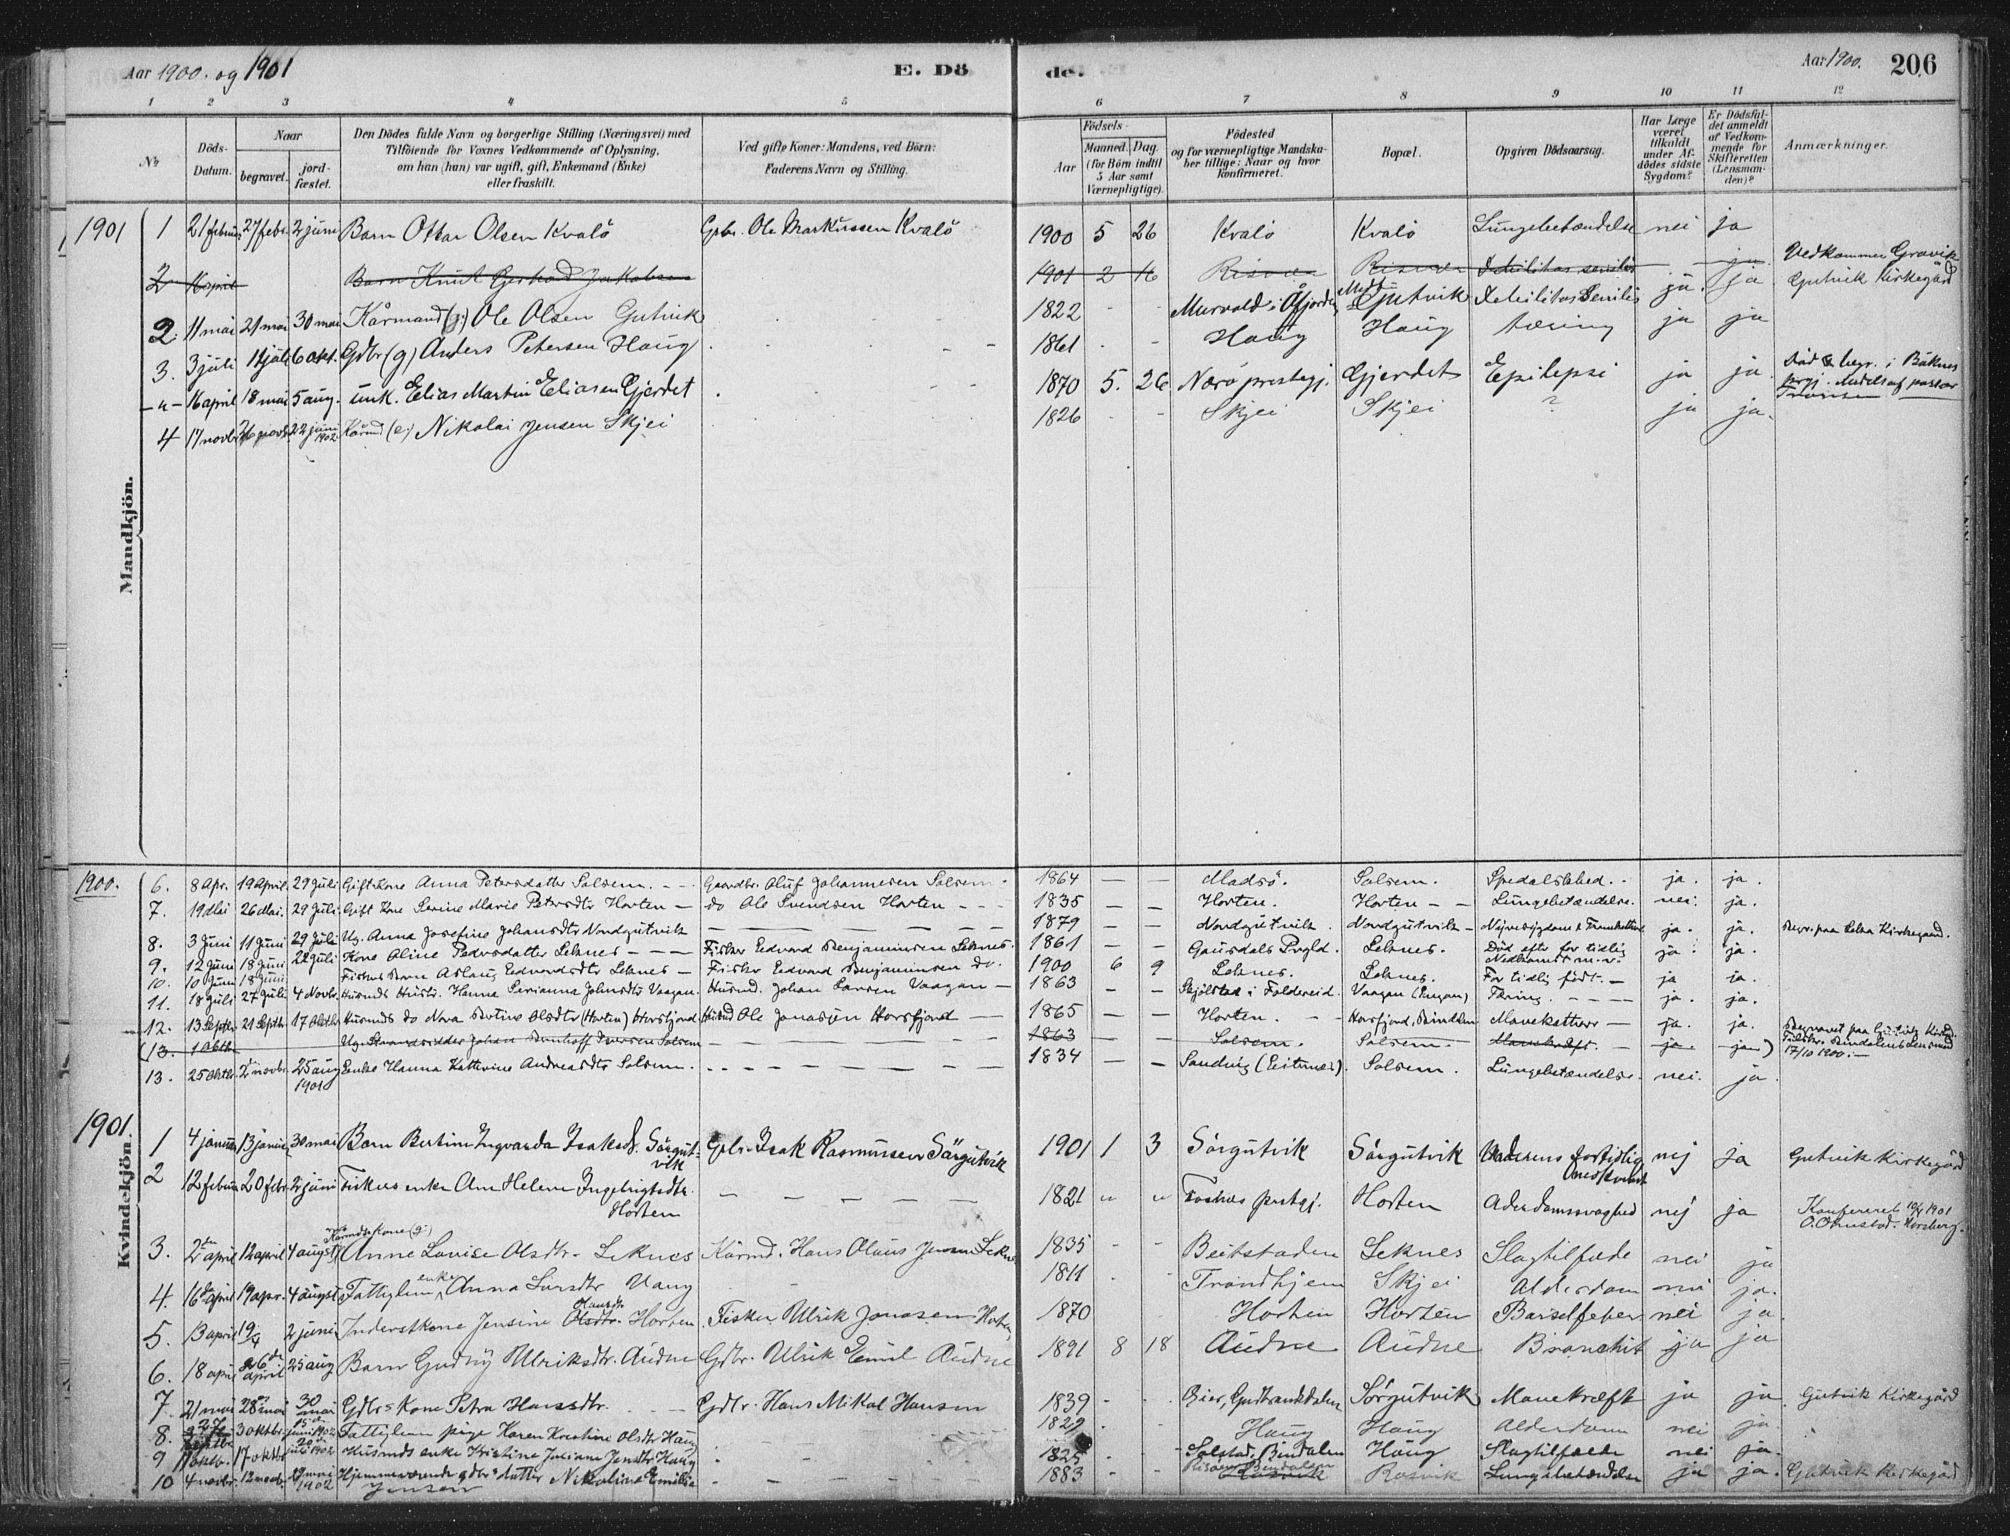 SAT, Ministerialprotokoller, klokkerbøker og fødselsregistre - Nord-Trøndelag, 788/L0697: Ministerialbok nr. 788A04, 1878-1902, s. 206